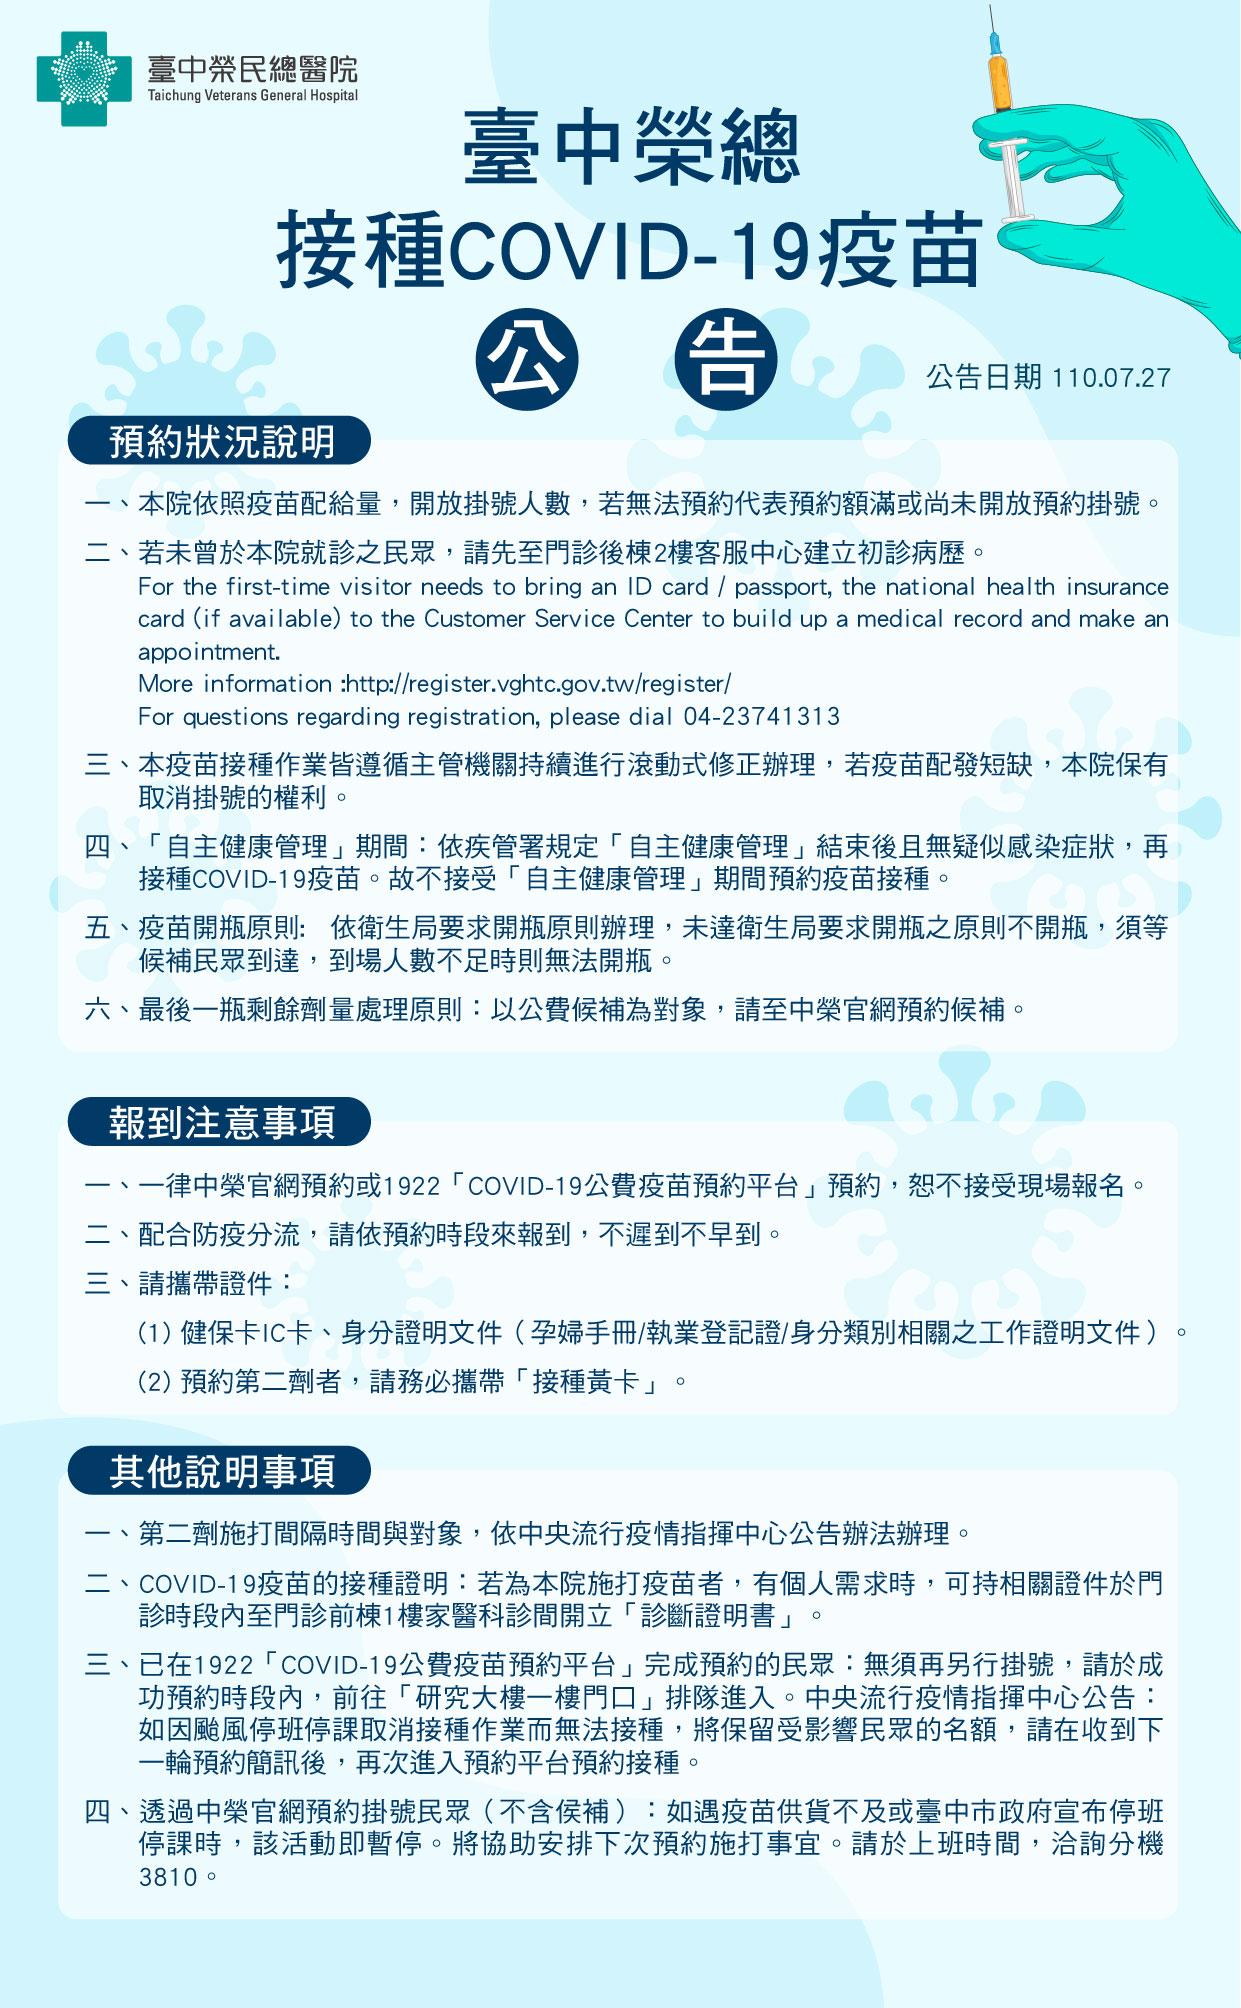 台中榮總 COVID-19 疫苗施打